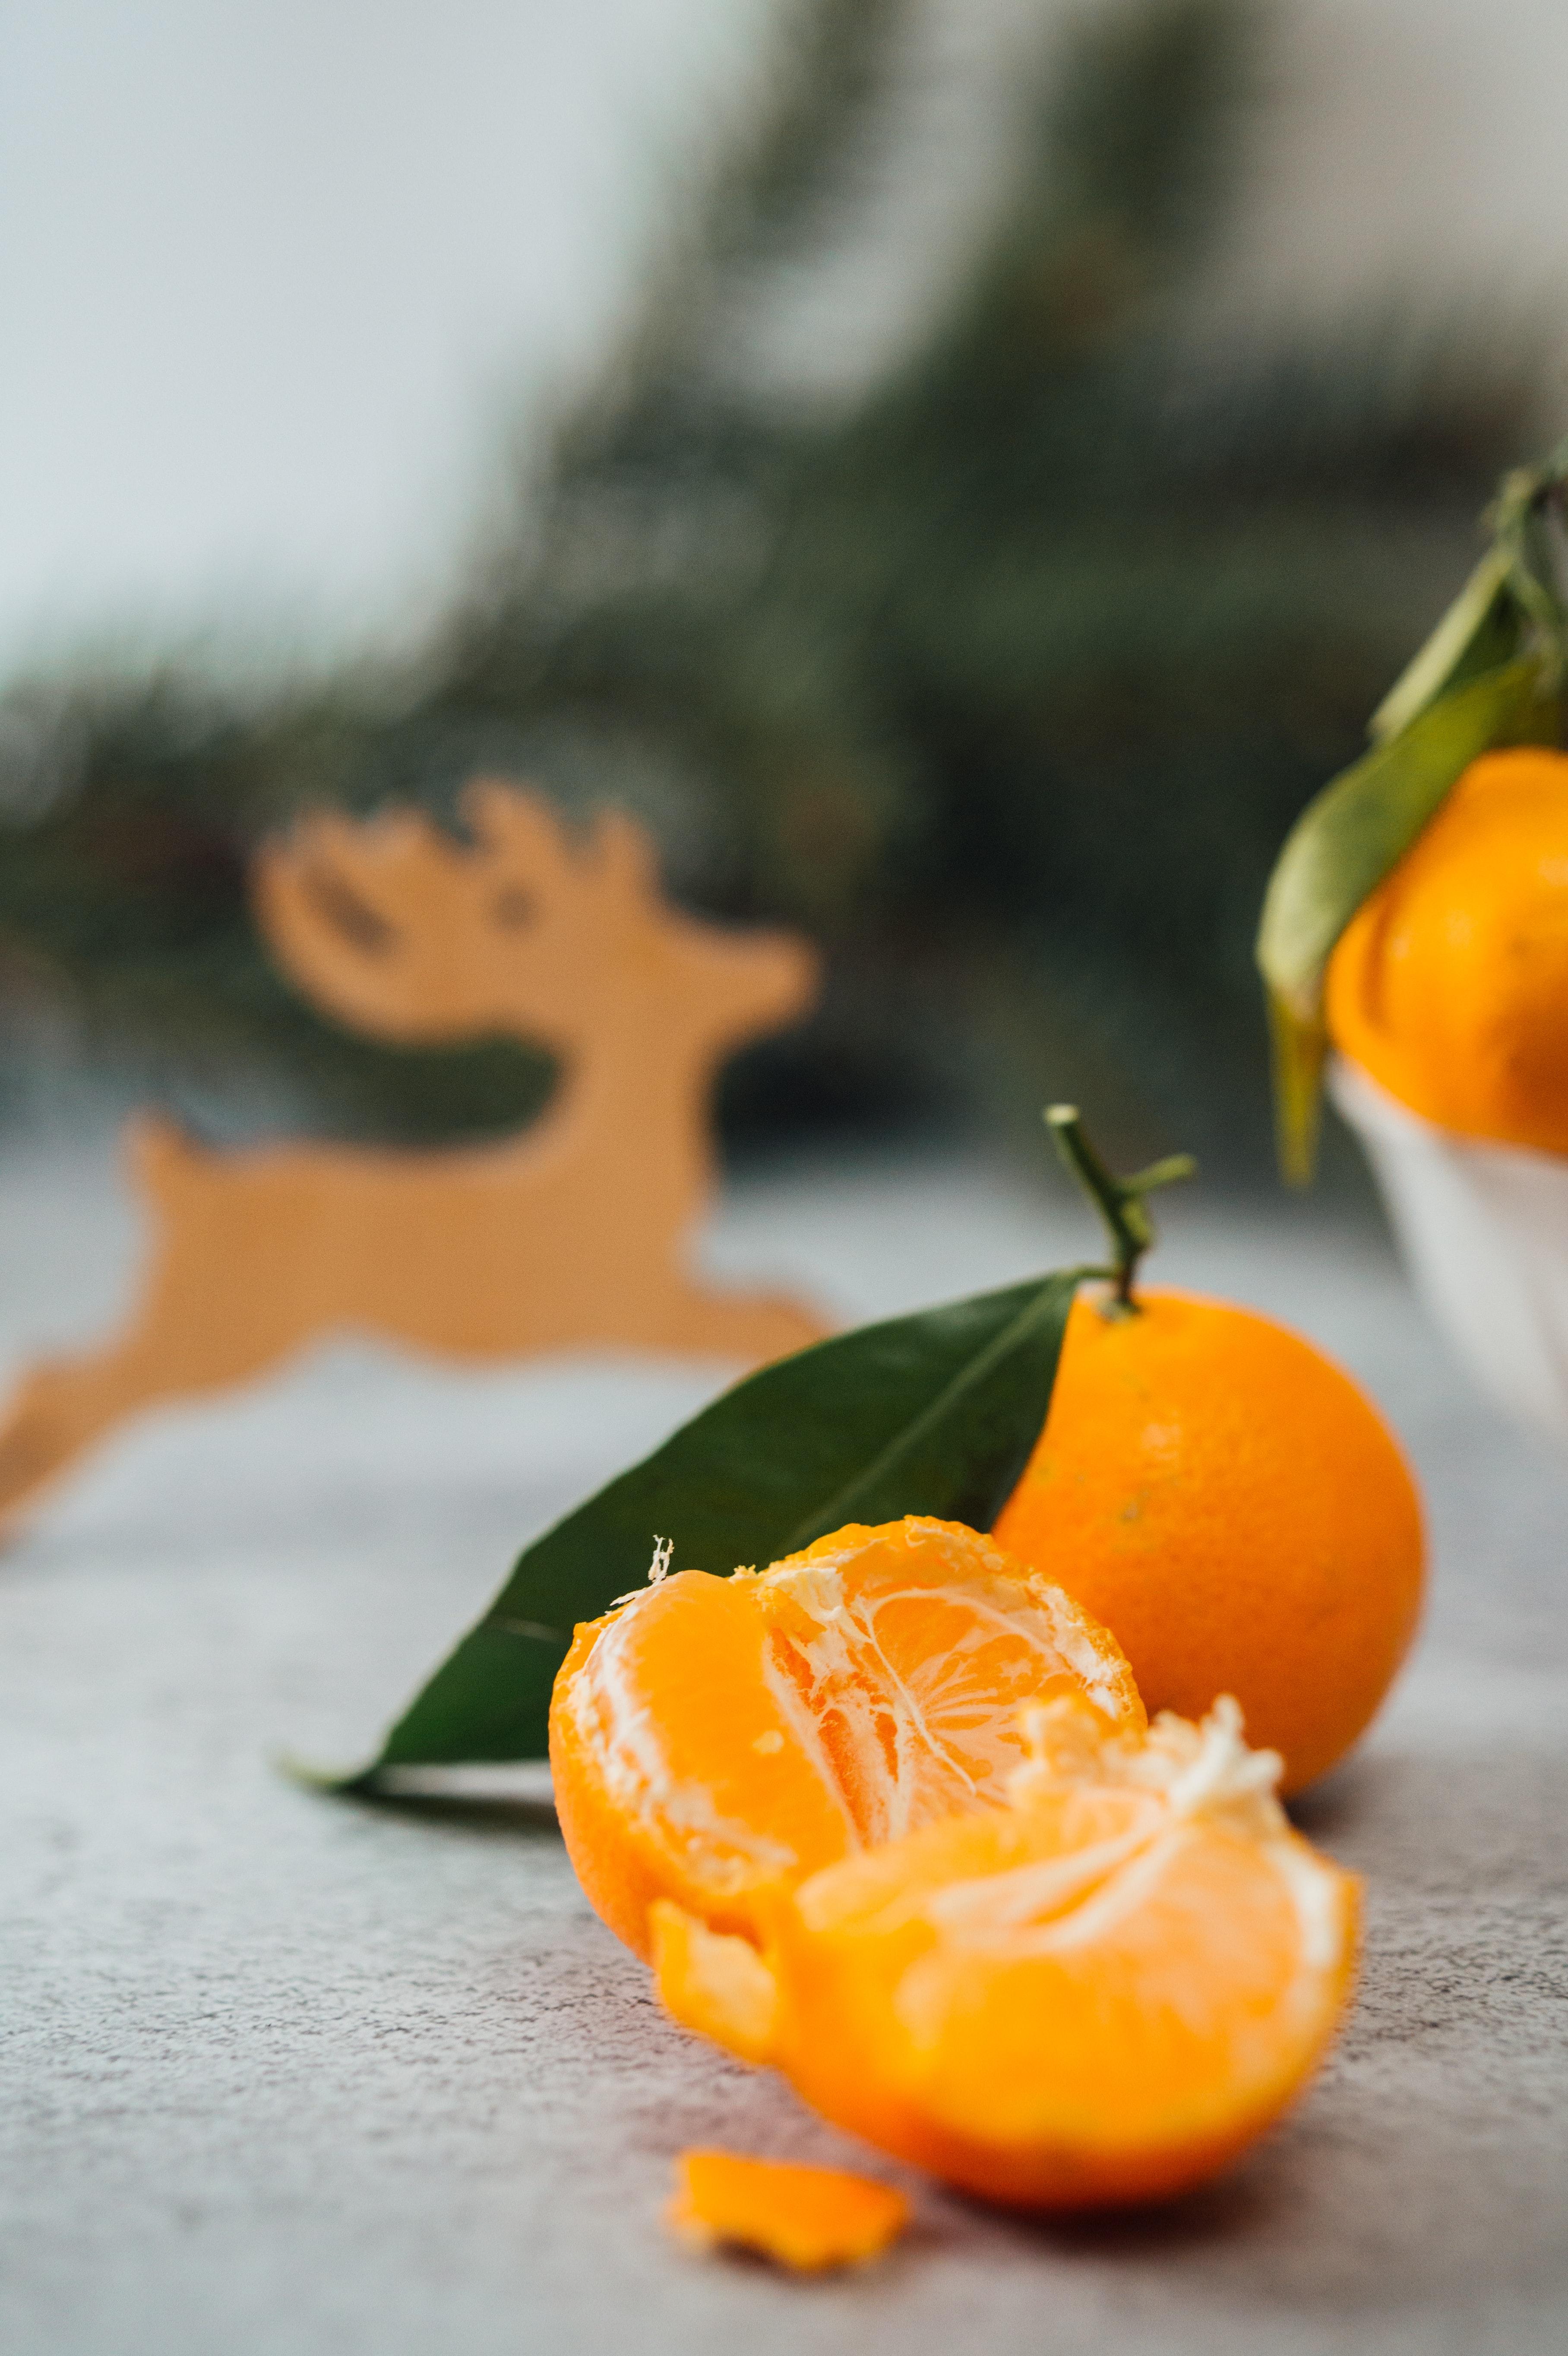 102709 Hintergrundbild 240x400 kostenlos auf deinem Handy, lade Bilder Lebensmittel, Die Frucht, Frucht, Zitrusfrüchte, Zitrus, Läppchen, Scheiben, Mandarin, Tangerine 240x400 auf dein Handy herunter